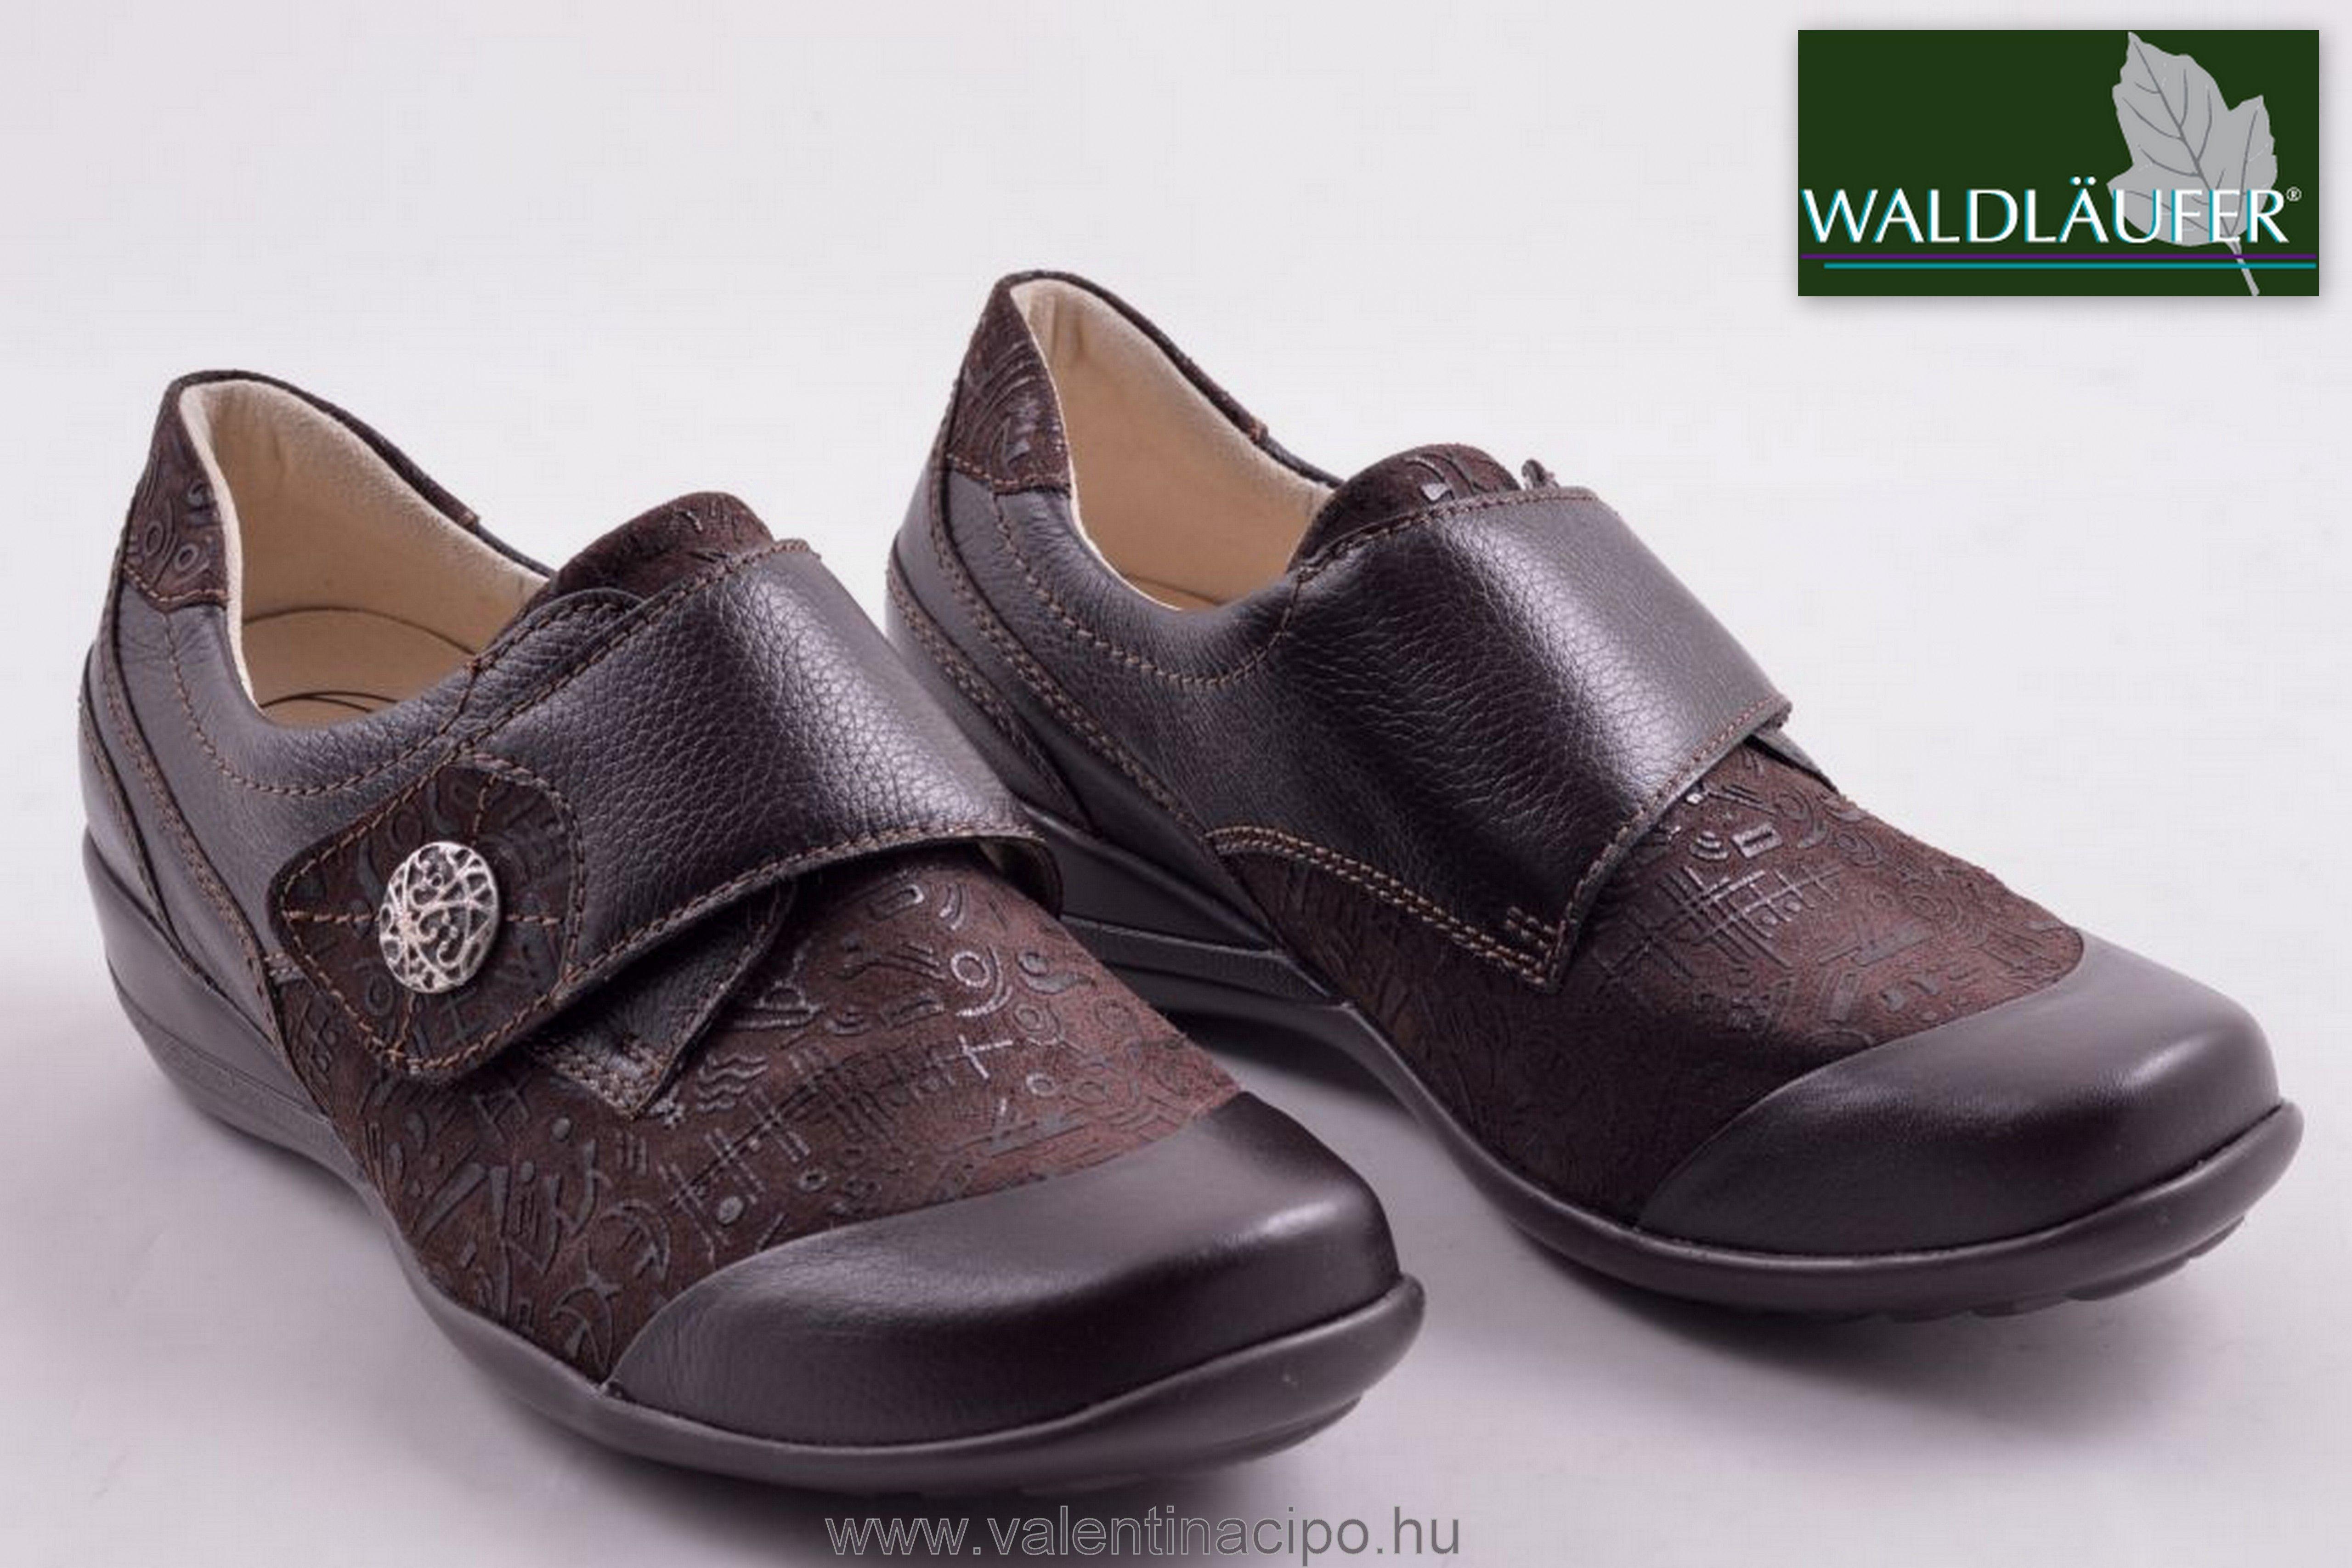 6f592a87aa Mai napi, Waldlaufer női félcipő ajánlatunk! A Valentina Cipőboltokban és  Webáruházunkban további Waldlaufer lábbelikből